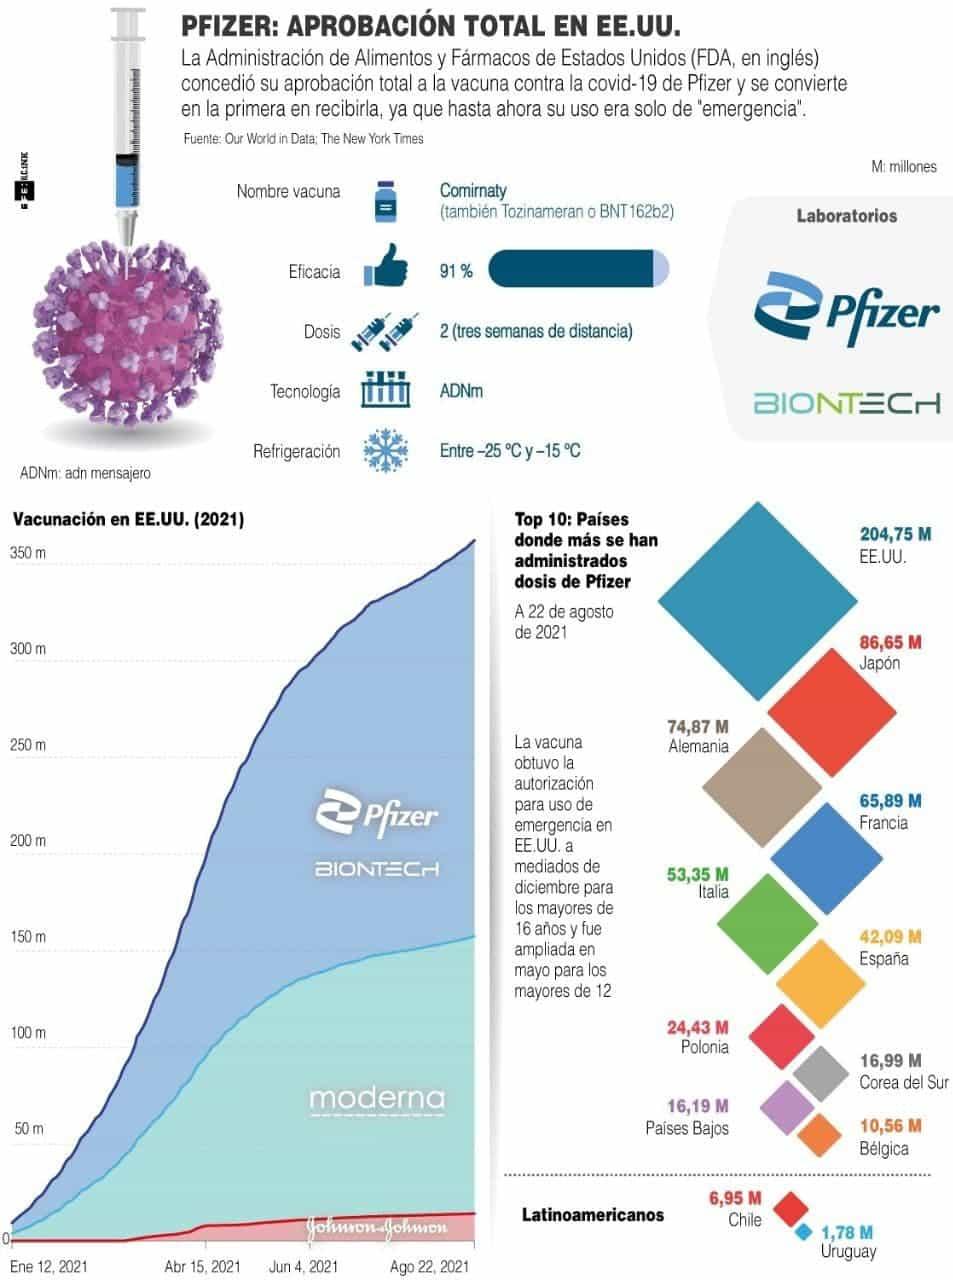 [Infografía] Regulador de EE. UU. concede su aprobación total a la vacuna de Pfizer 1